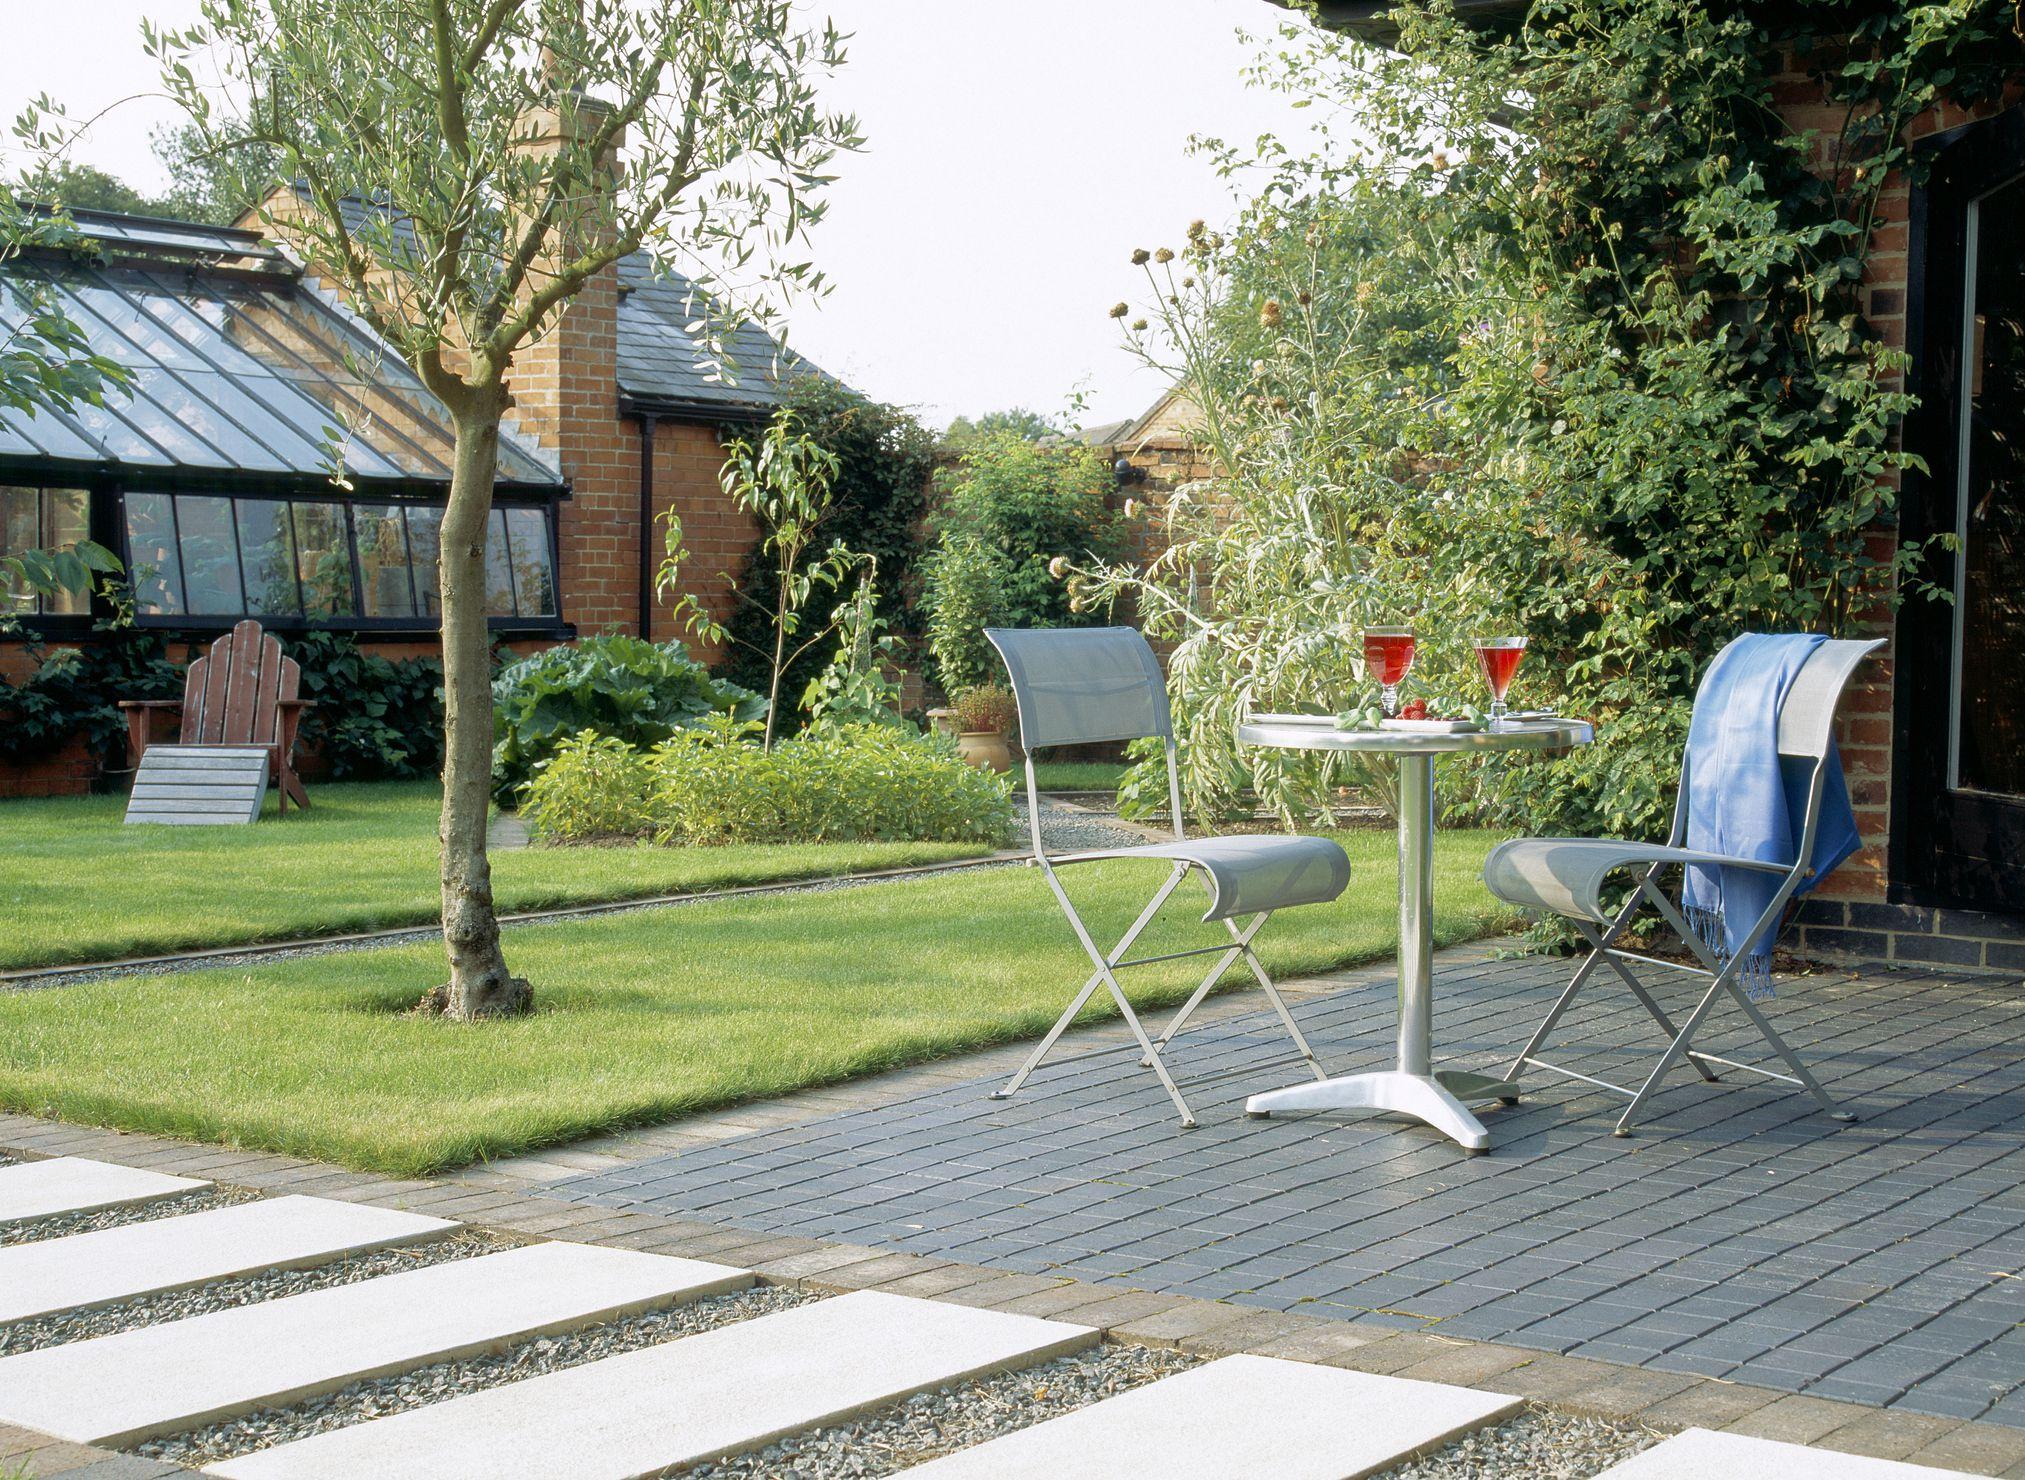 Patio de estilo moderno con mesa y sillas de metal, junto a la elegante pasarela